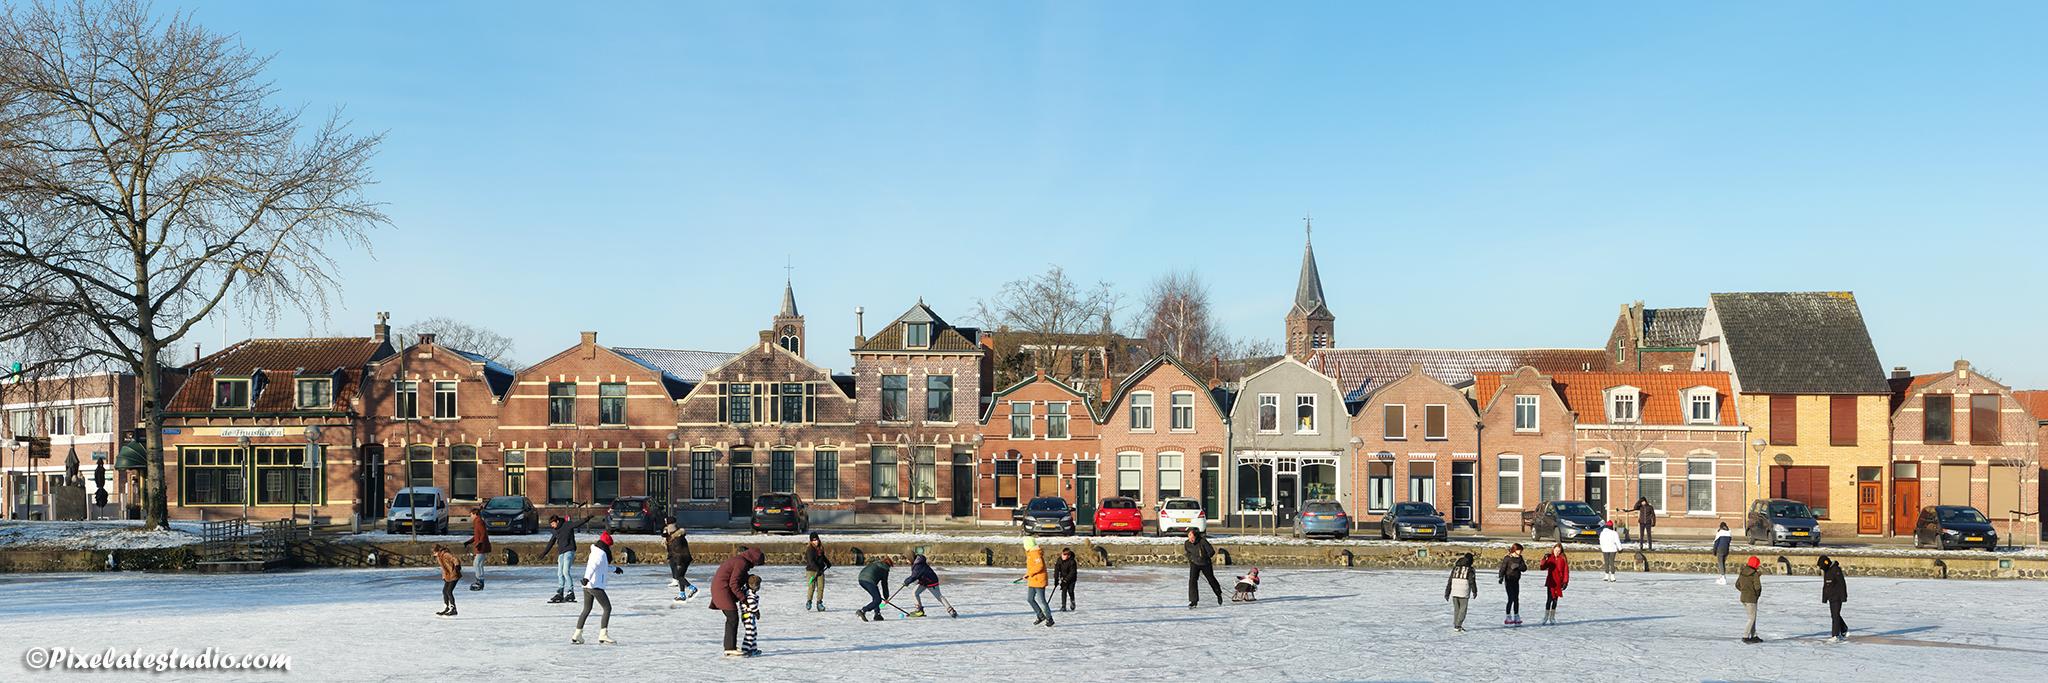 mooi schaats tafereeltje met ijspret bij de Blokken in Terneuzen